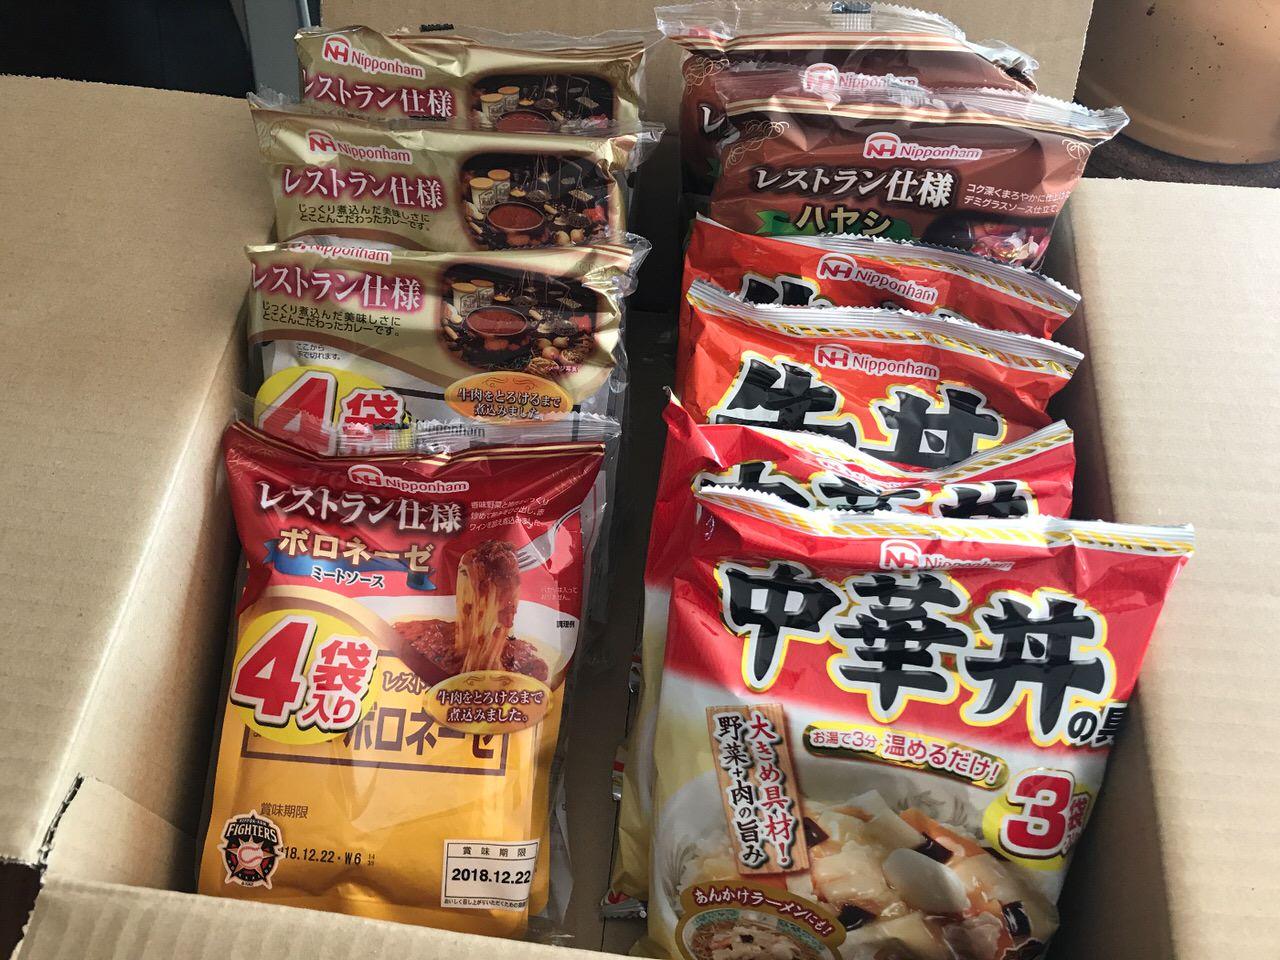 【ふるさと納税】大阪府泉佐野市から「ニッポンハム レトルト5種36食セット」が届く